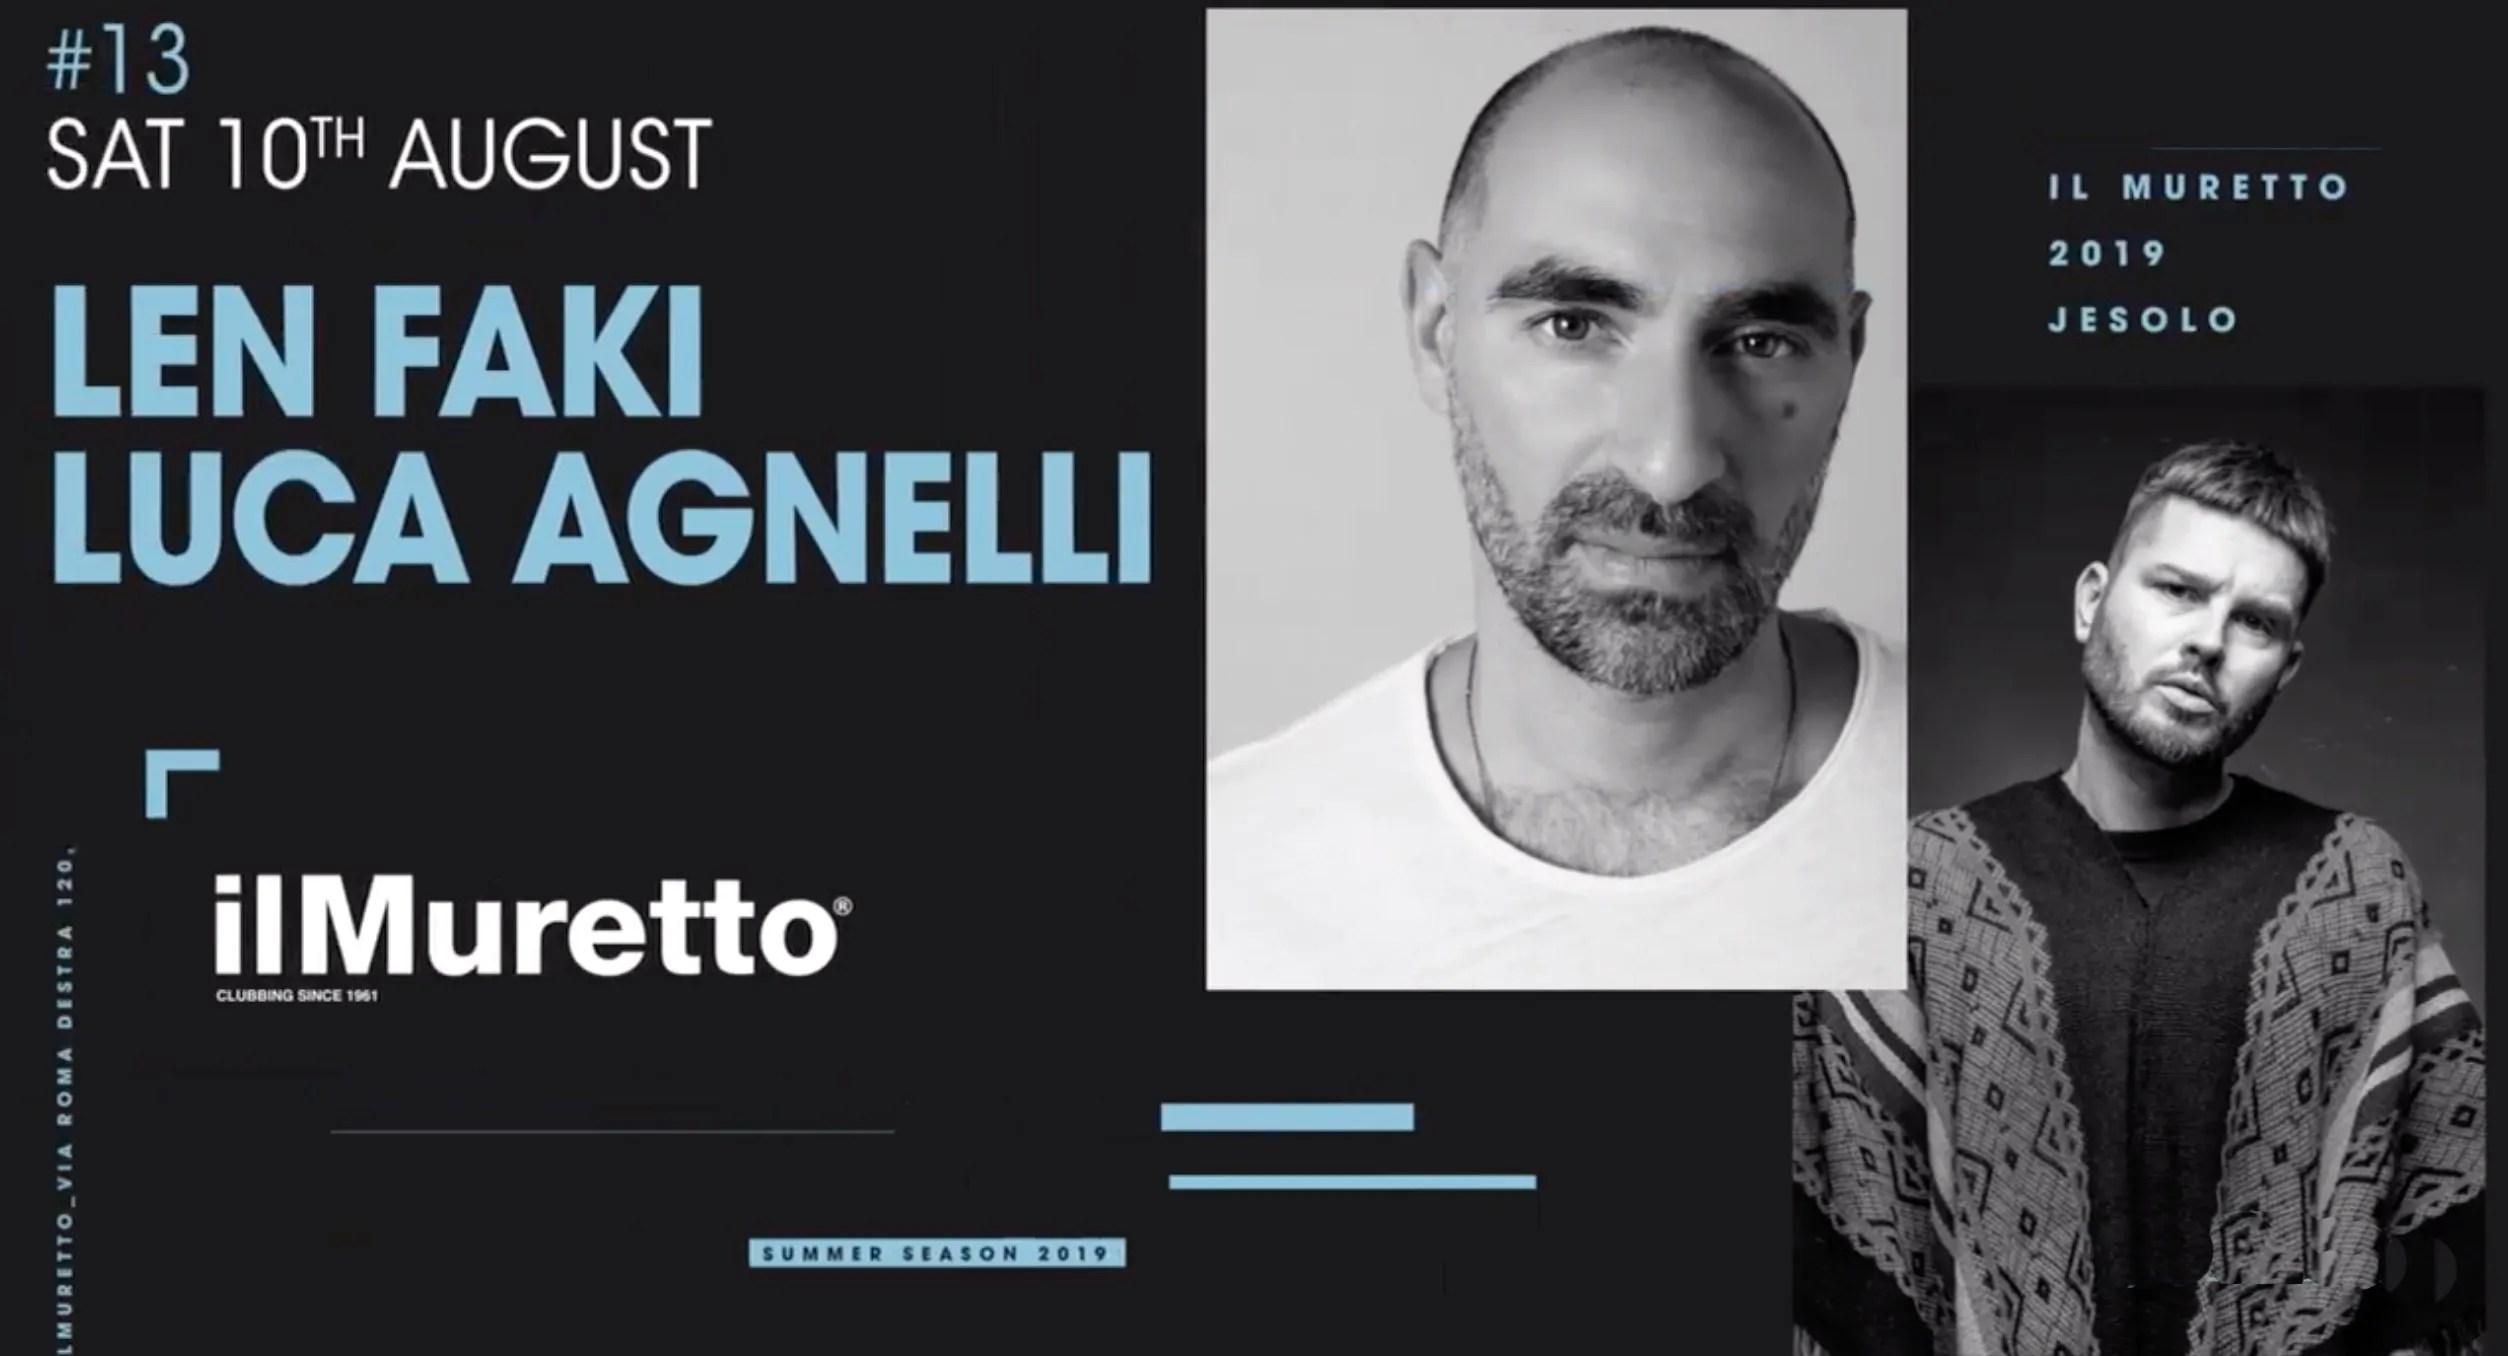 LEN FAKI + LUCA AGNELLI a Il Muretto Jesolo 10 Agosto 2019 + Prezzi Ticket in Prevendita Biglietti Tavoli Liste Pacchetti Hotel